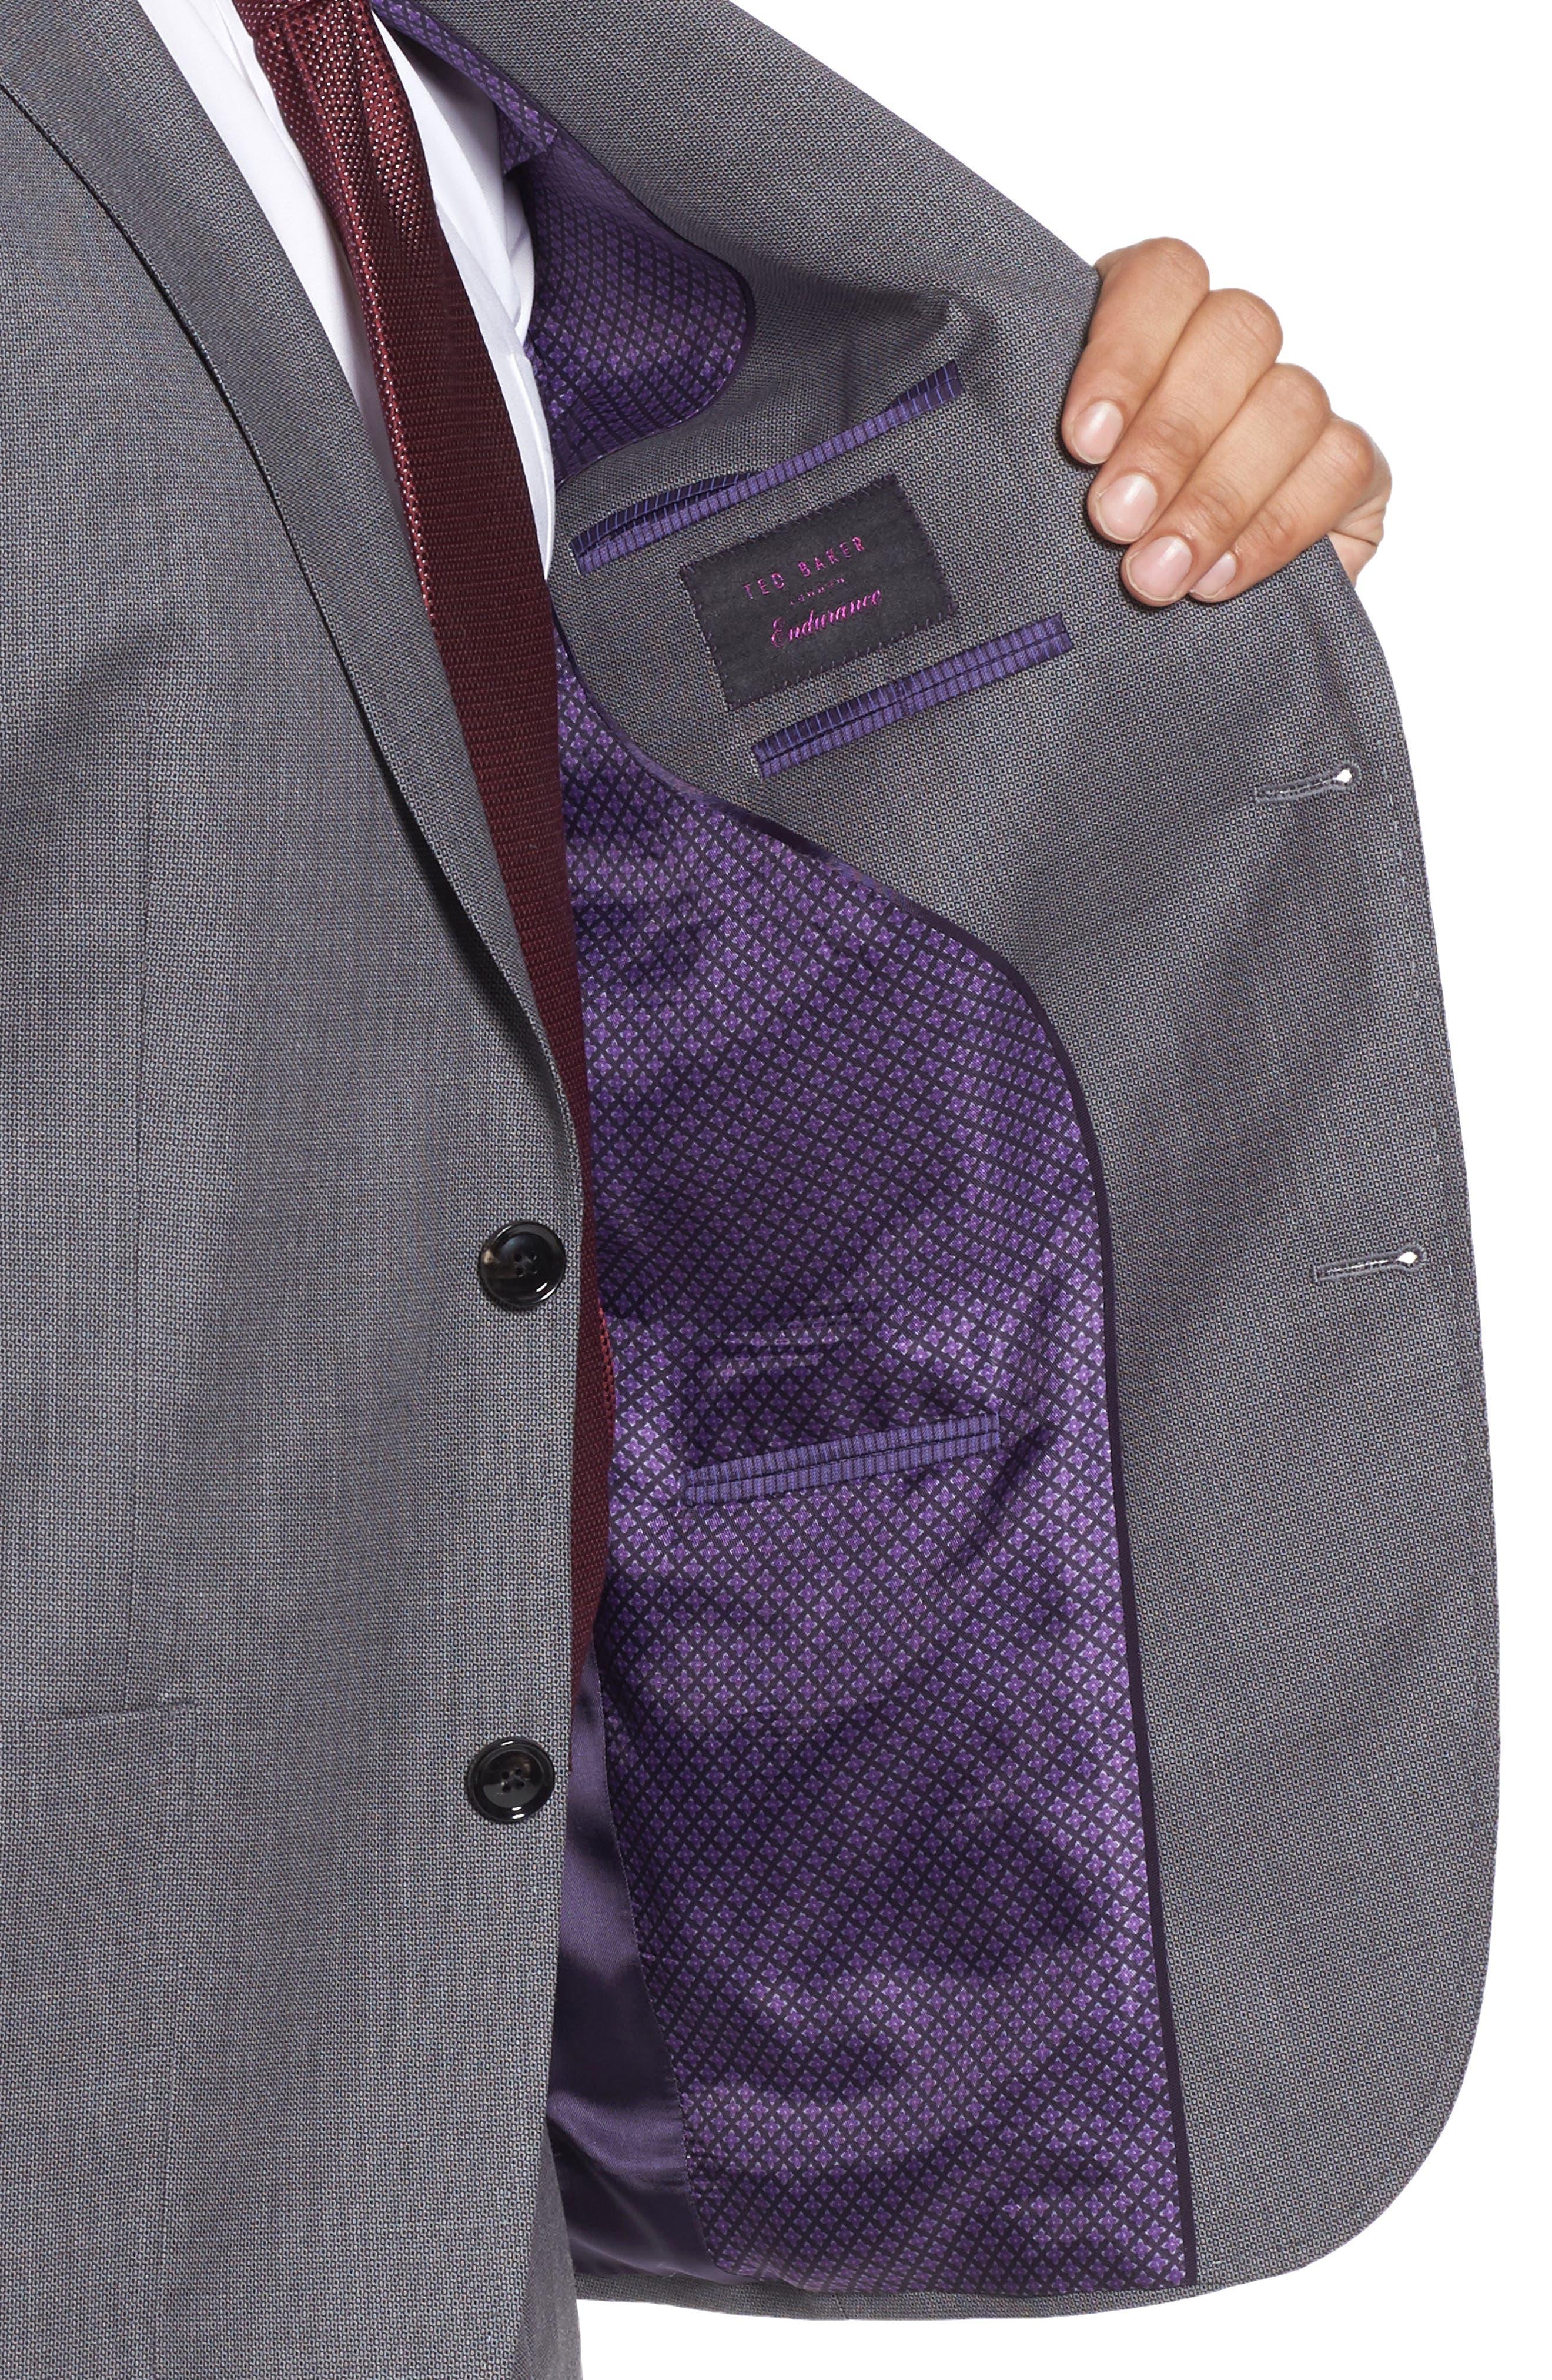 Kyle Trim Fit Solid Wool Suit,                             Alternate thumbnail 4, color,                             020